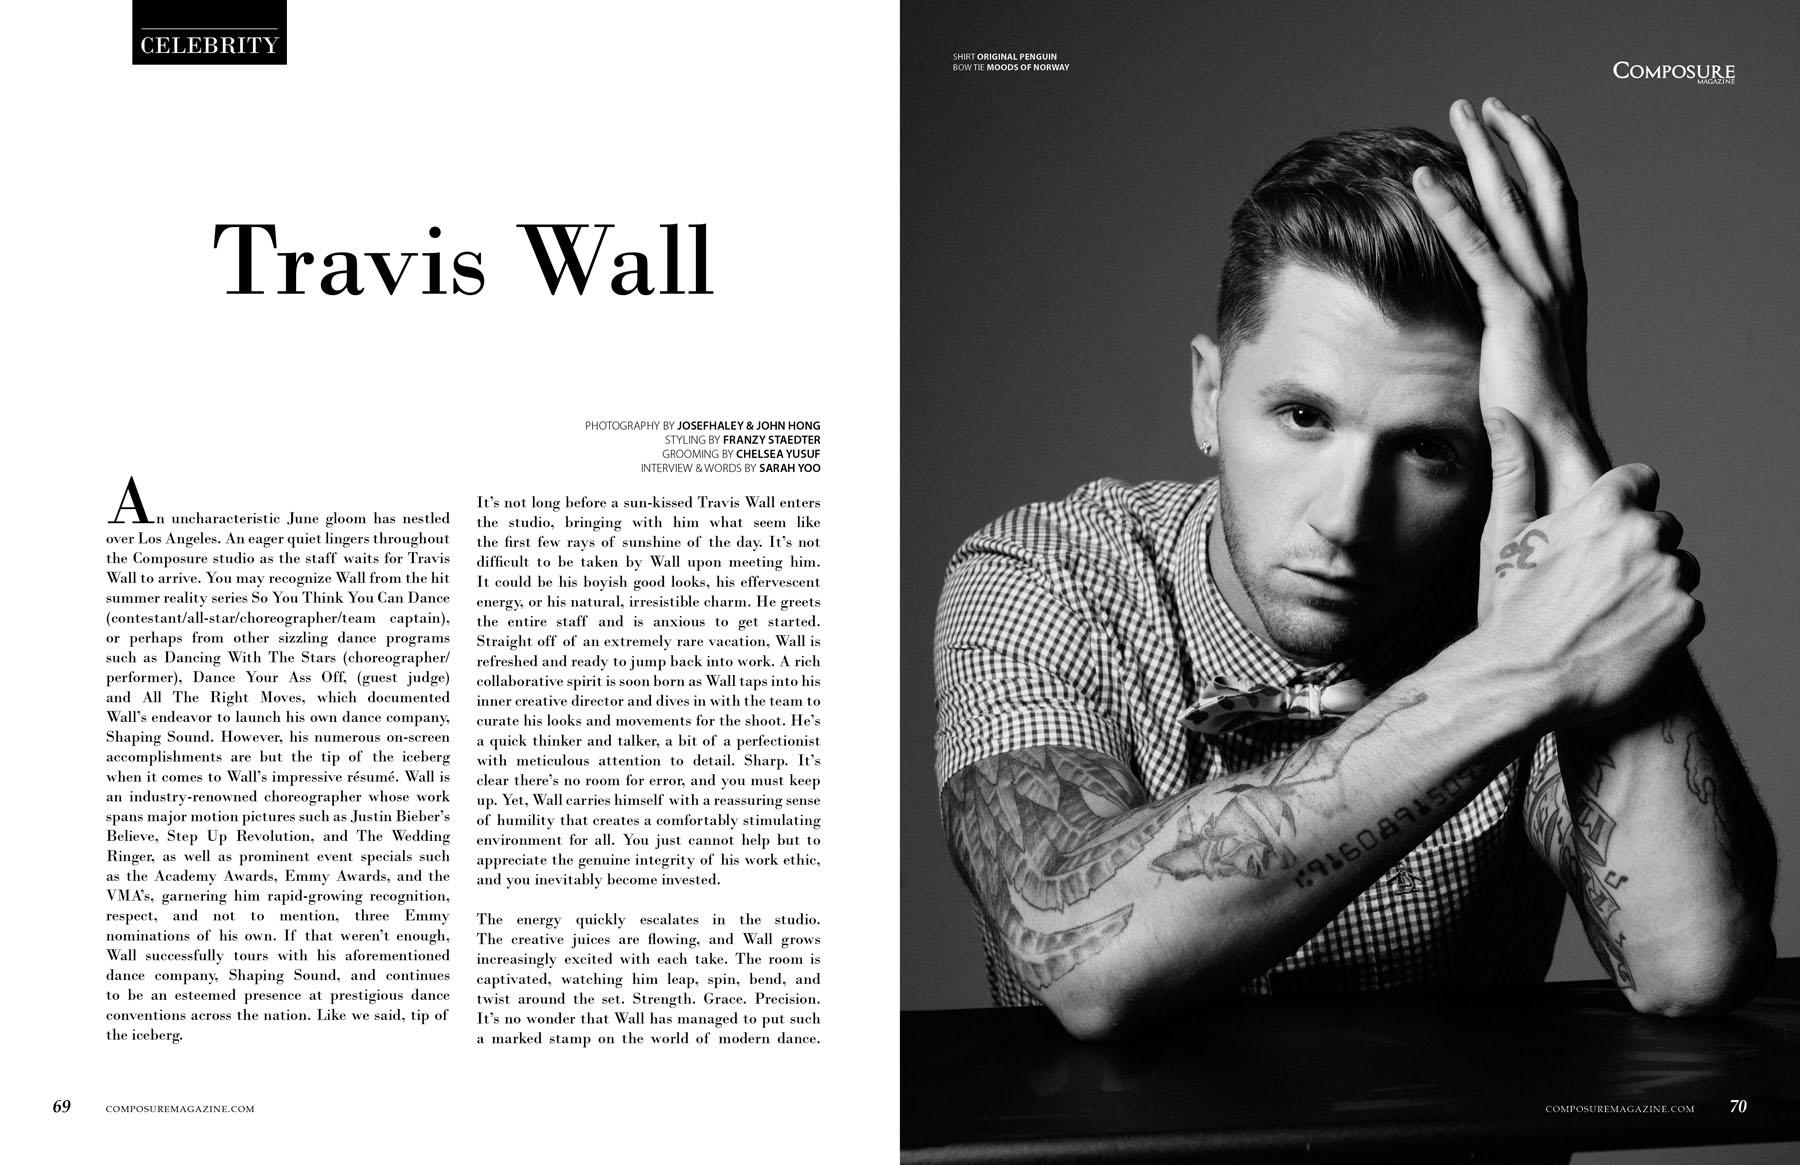 Travis Wall